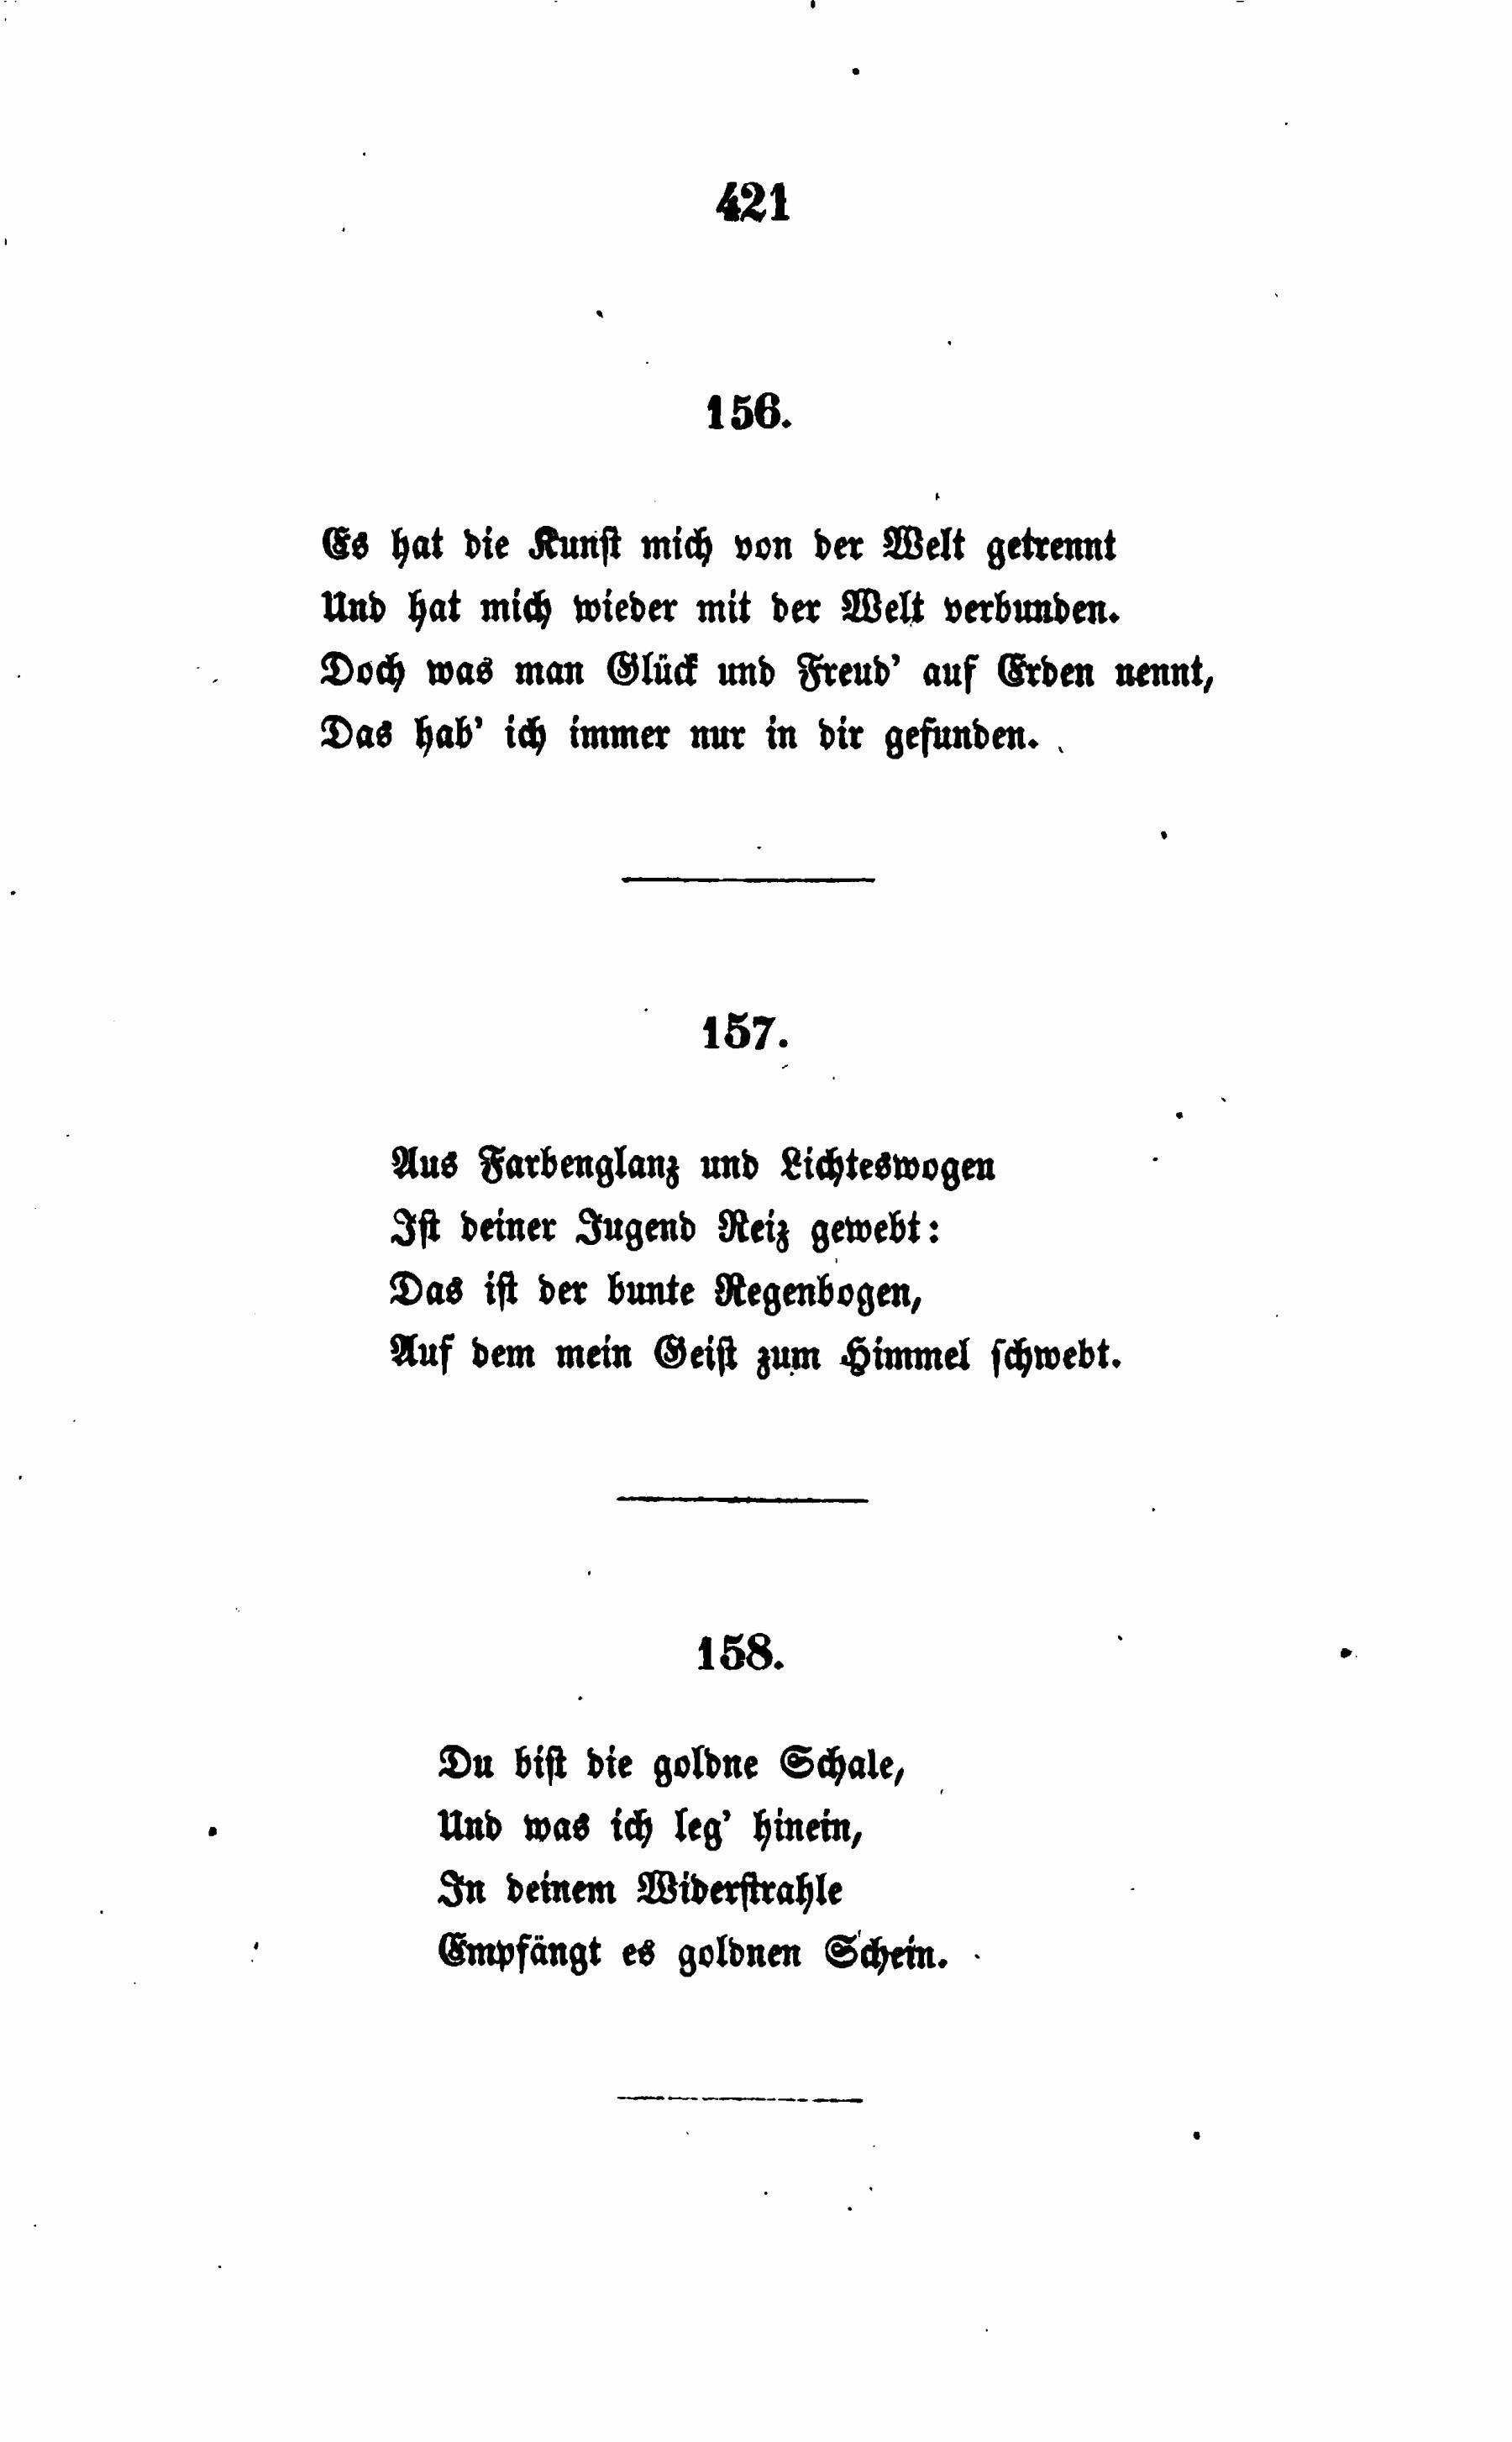 Filede Fallersleben Gedichte 421jpg Wikimedia Commons